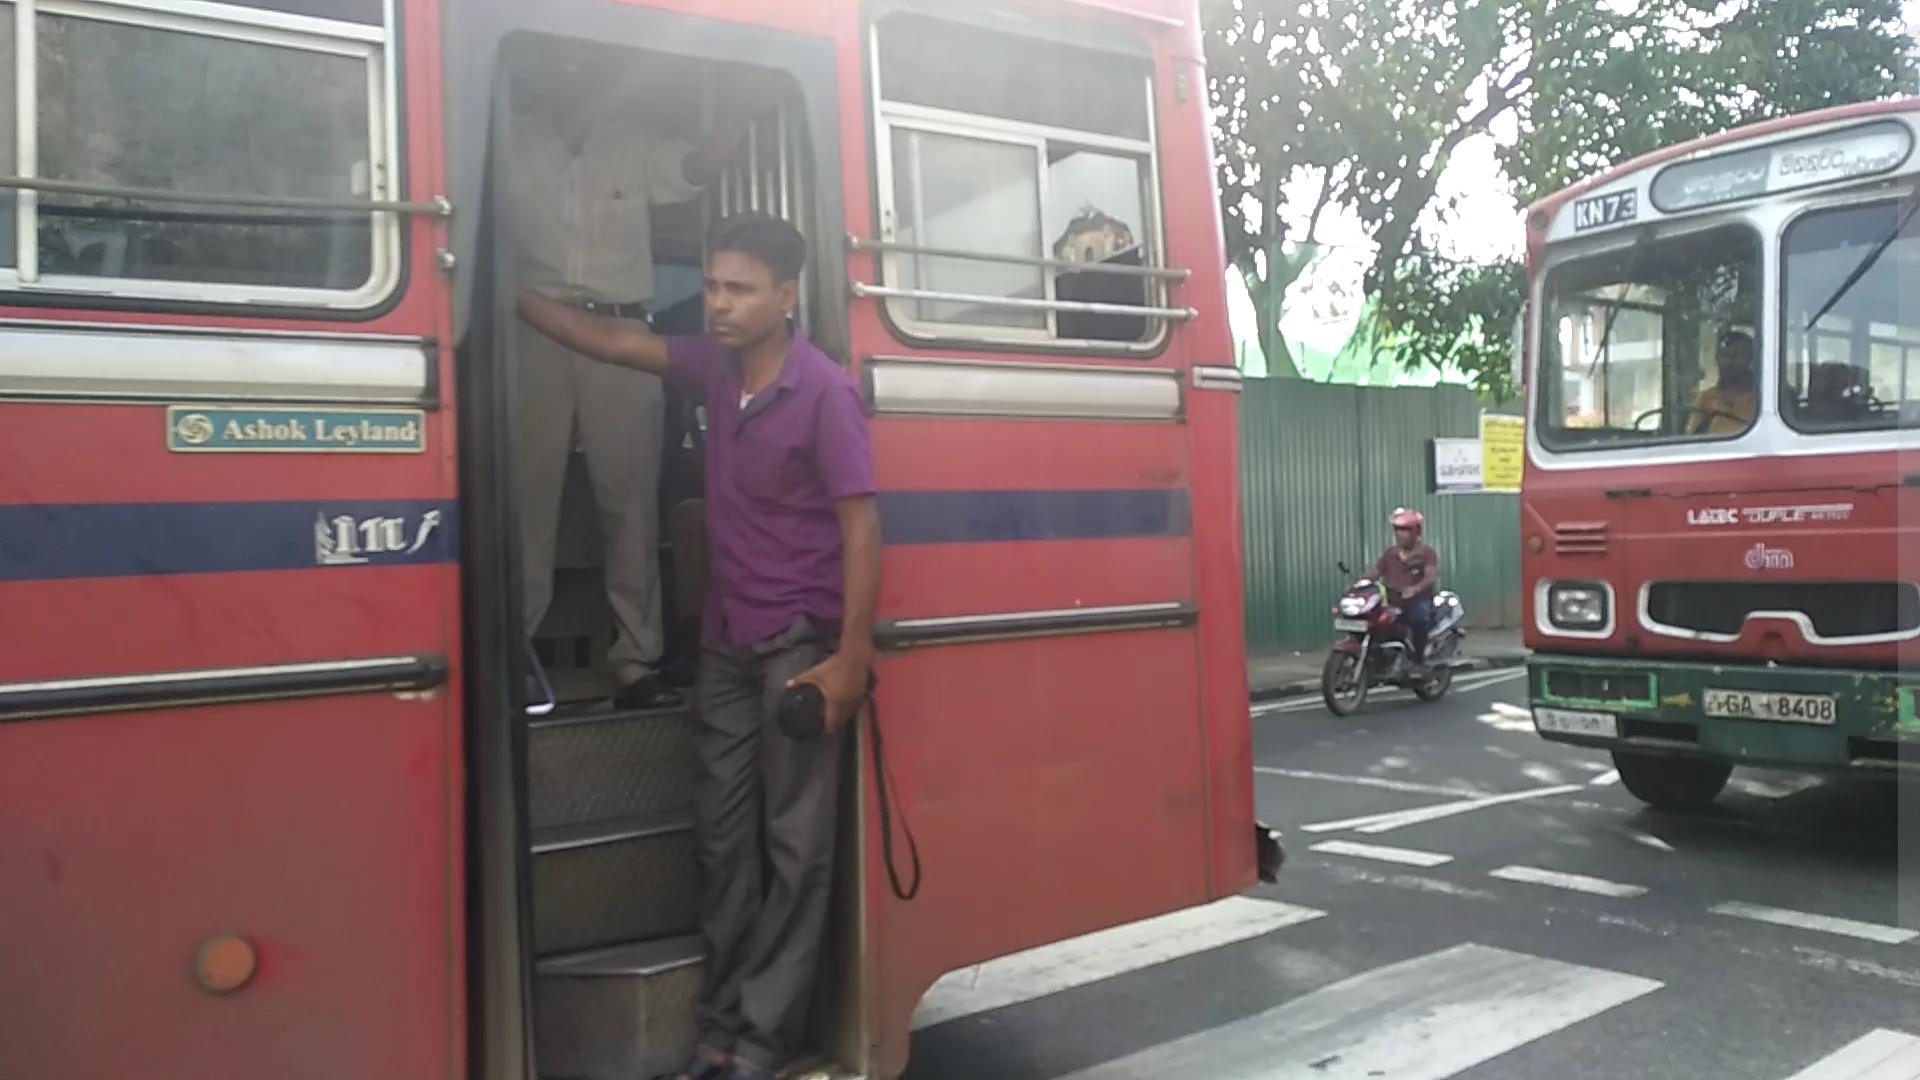 Sri Lanka - transportation